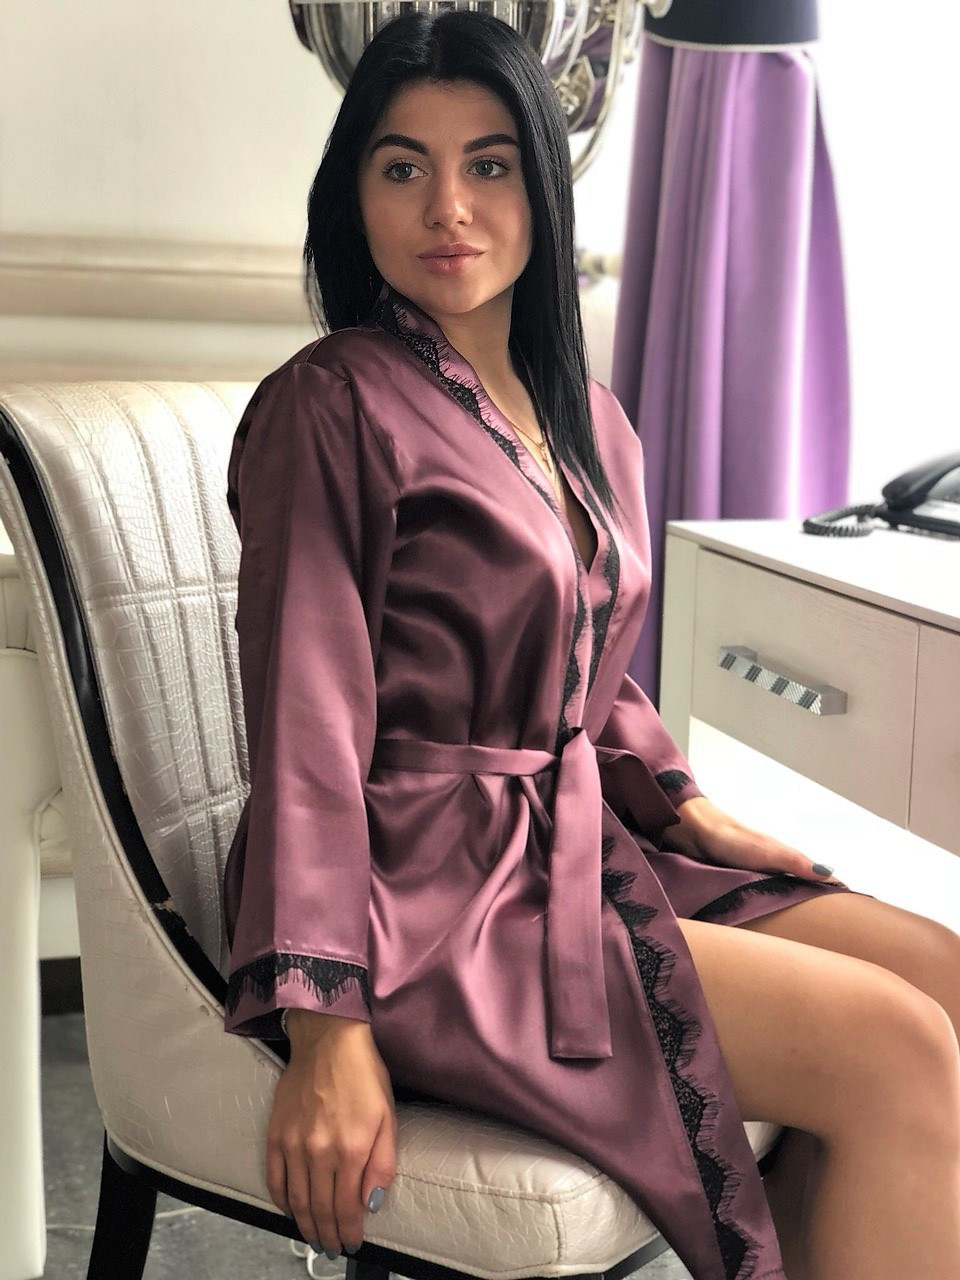 Романтичный серо-розовый халат из атласа, домашняя женская одежда